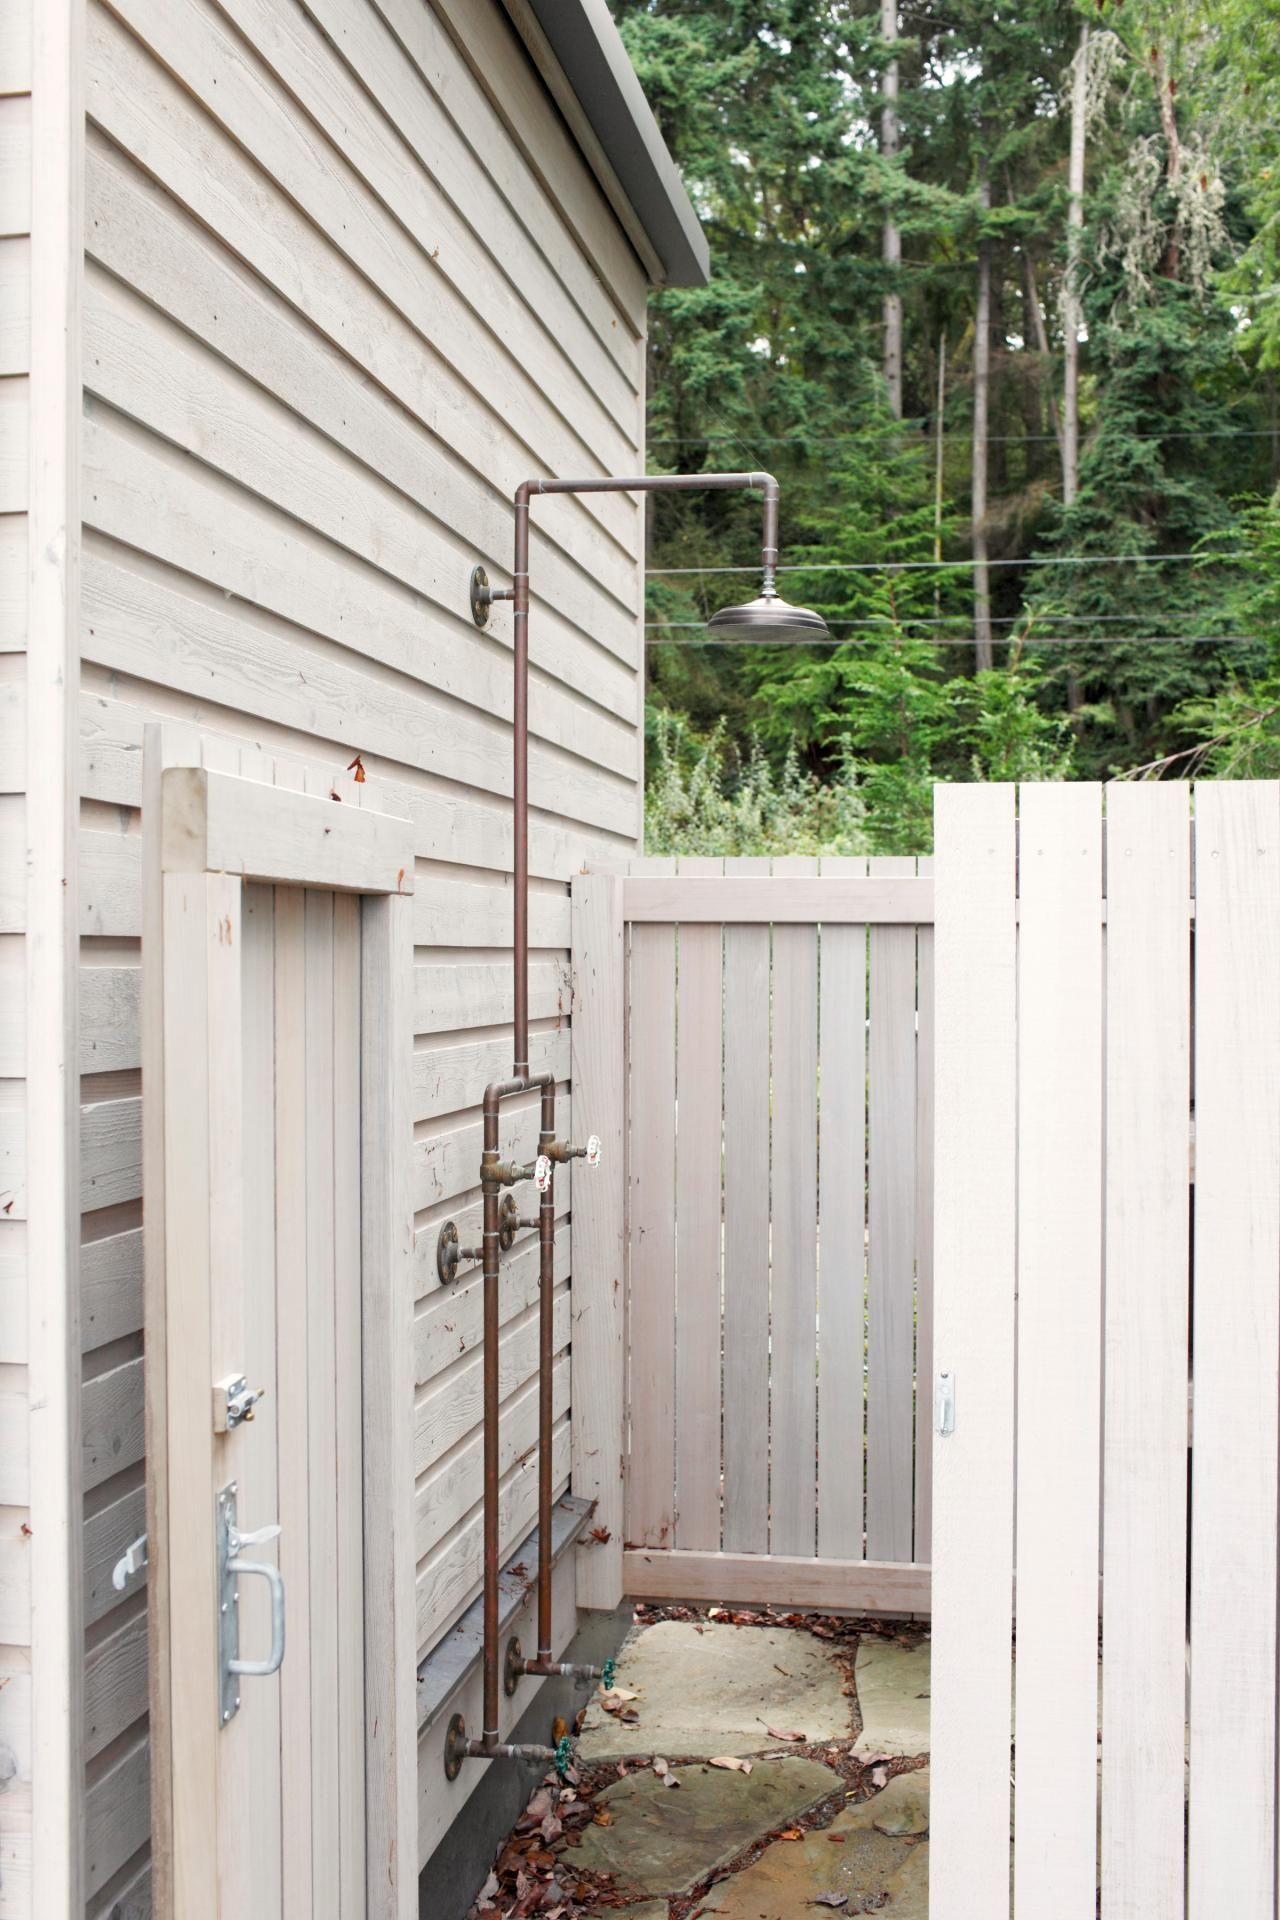 Outdoor Shower Outdoor Shower Diy Outdoor Shower Outdoor Shower Beach